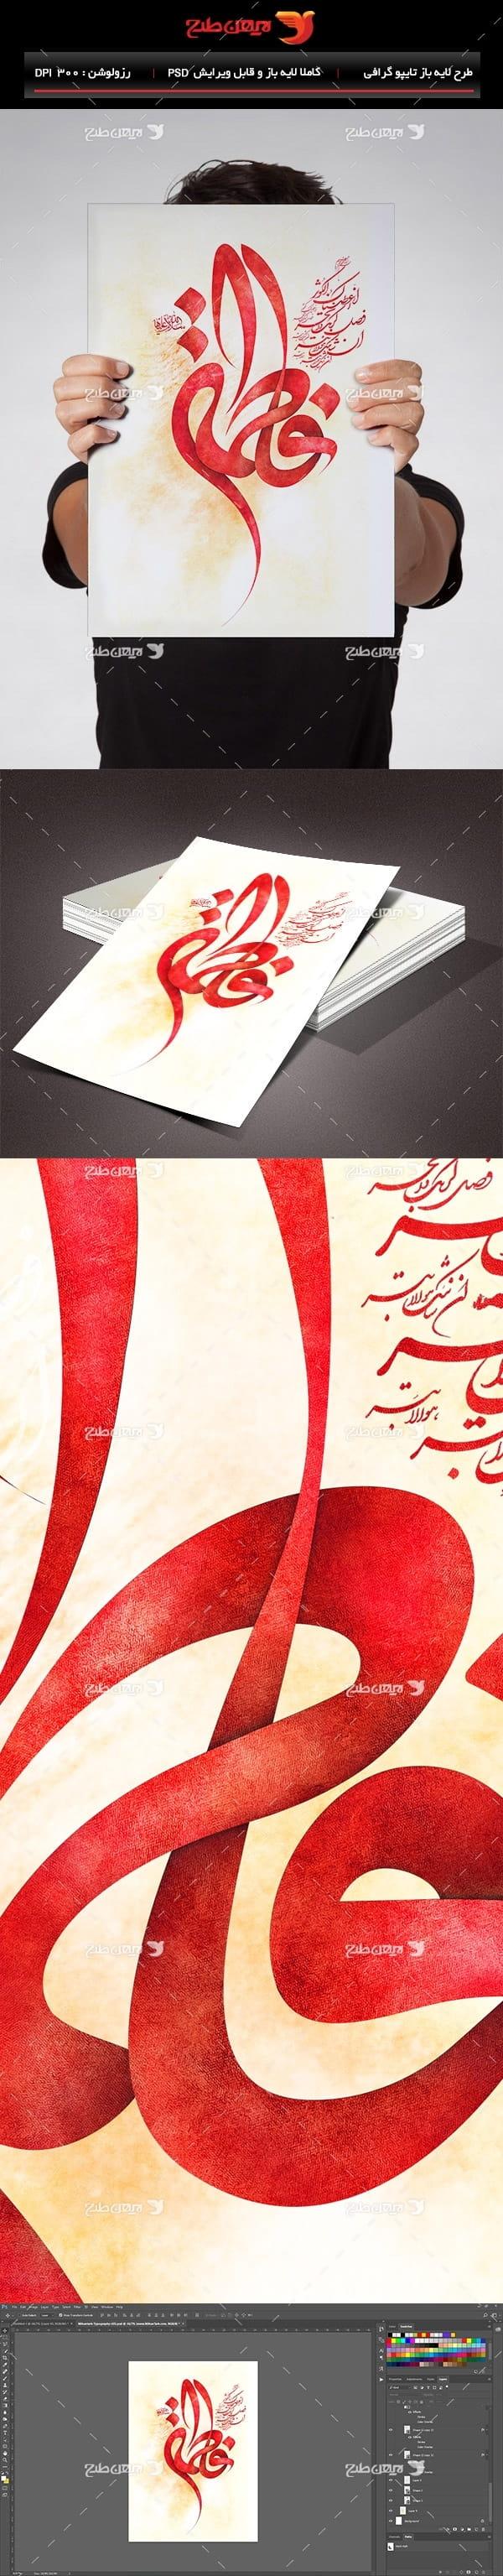 طرح لایه باز تایپوگرافی و خطاطی نام  حضرت فاطمه (ص)